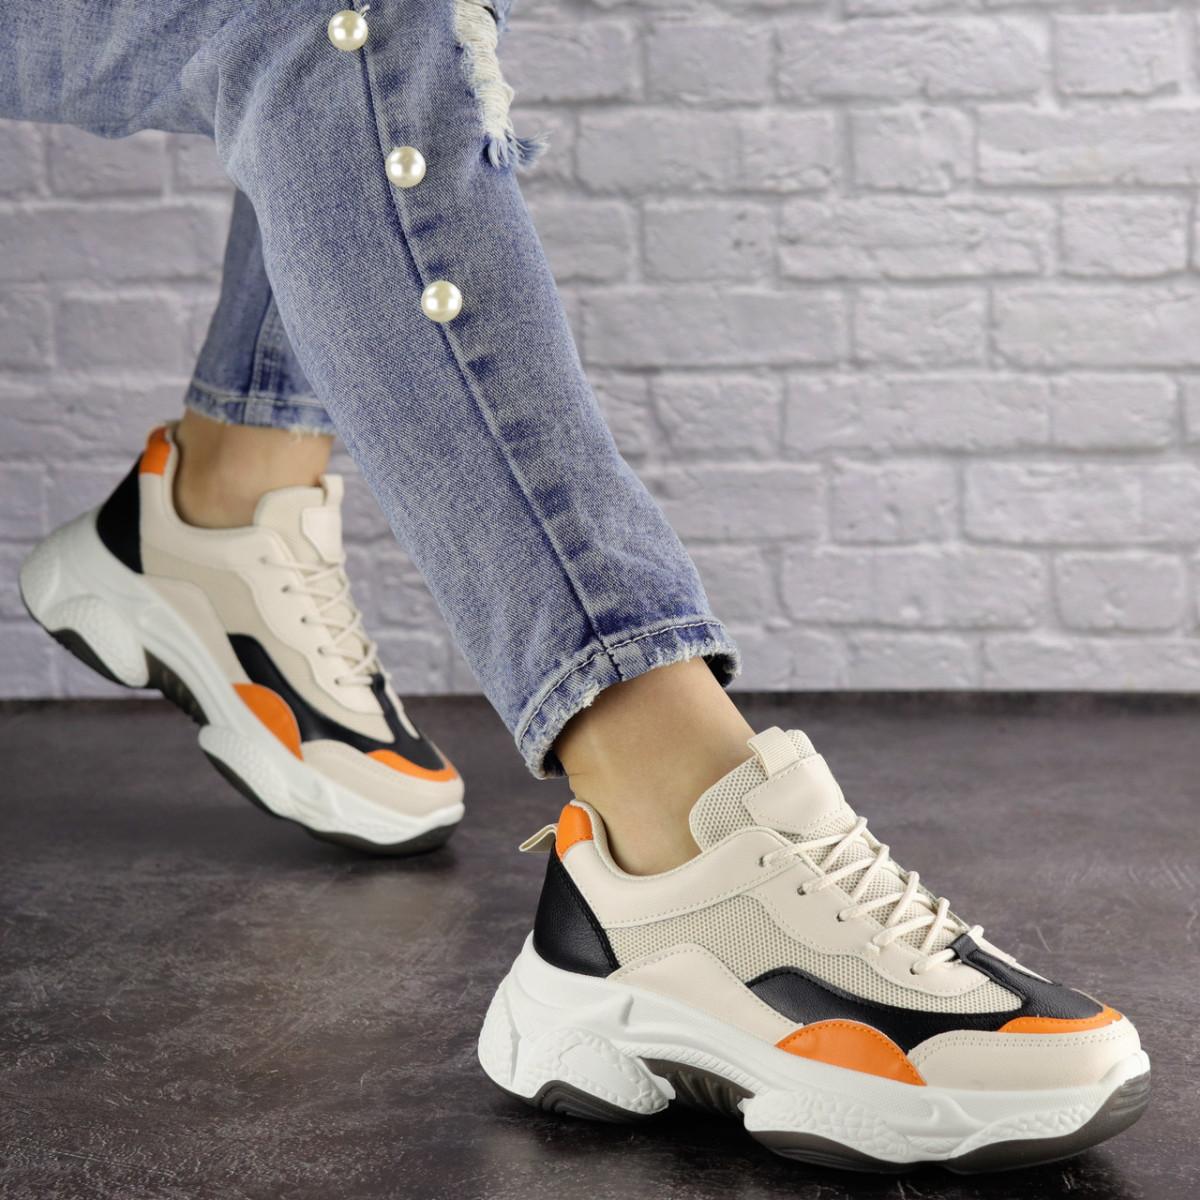 Женские кроссовки Fashion Bailey 1576 36 размер 22,5 см Бежевый